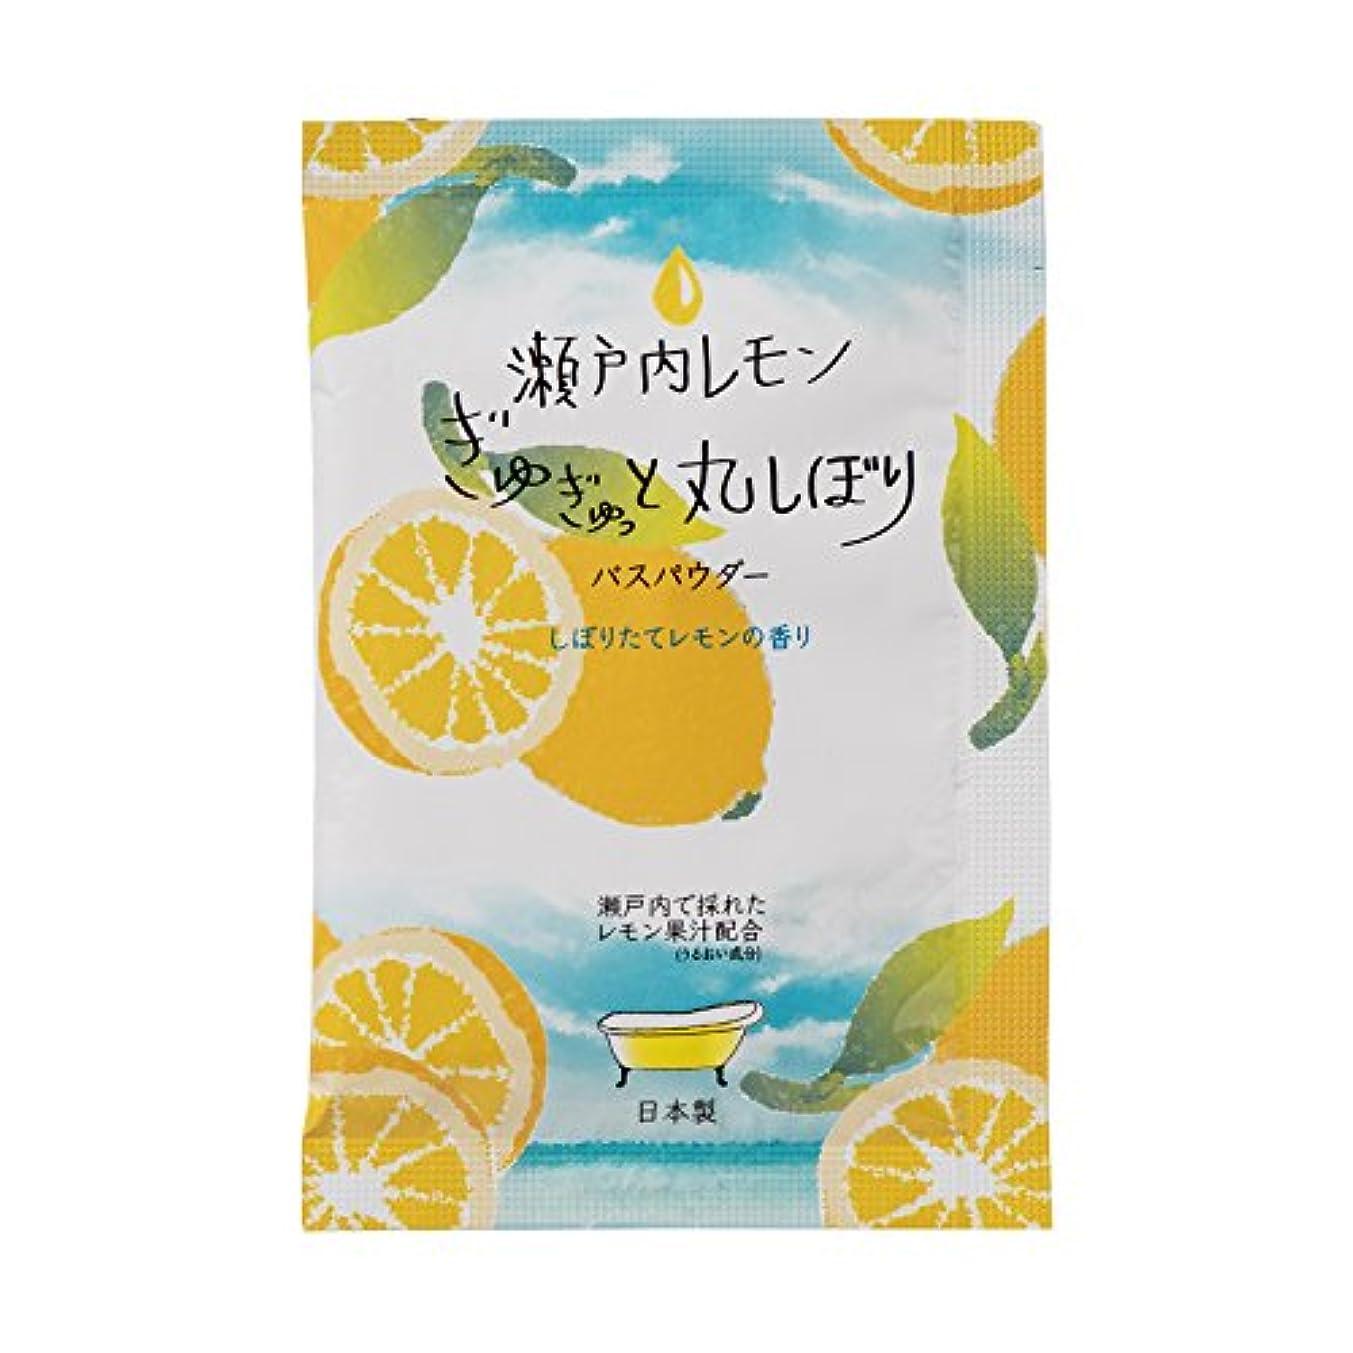 リッチバスパウダー(瀬戸内レモンの香り)× 40個